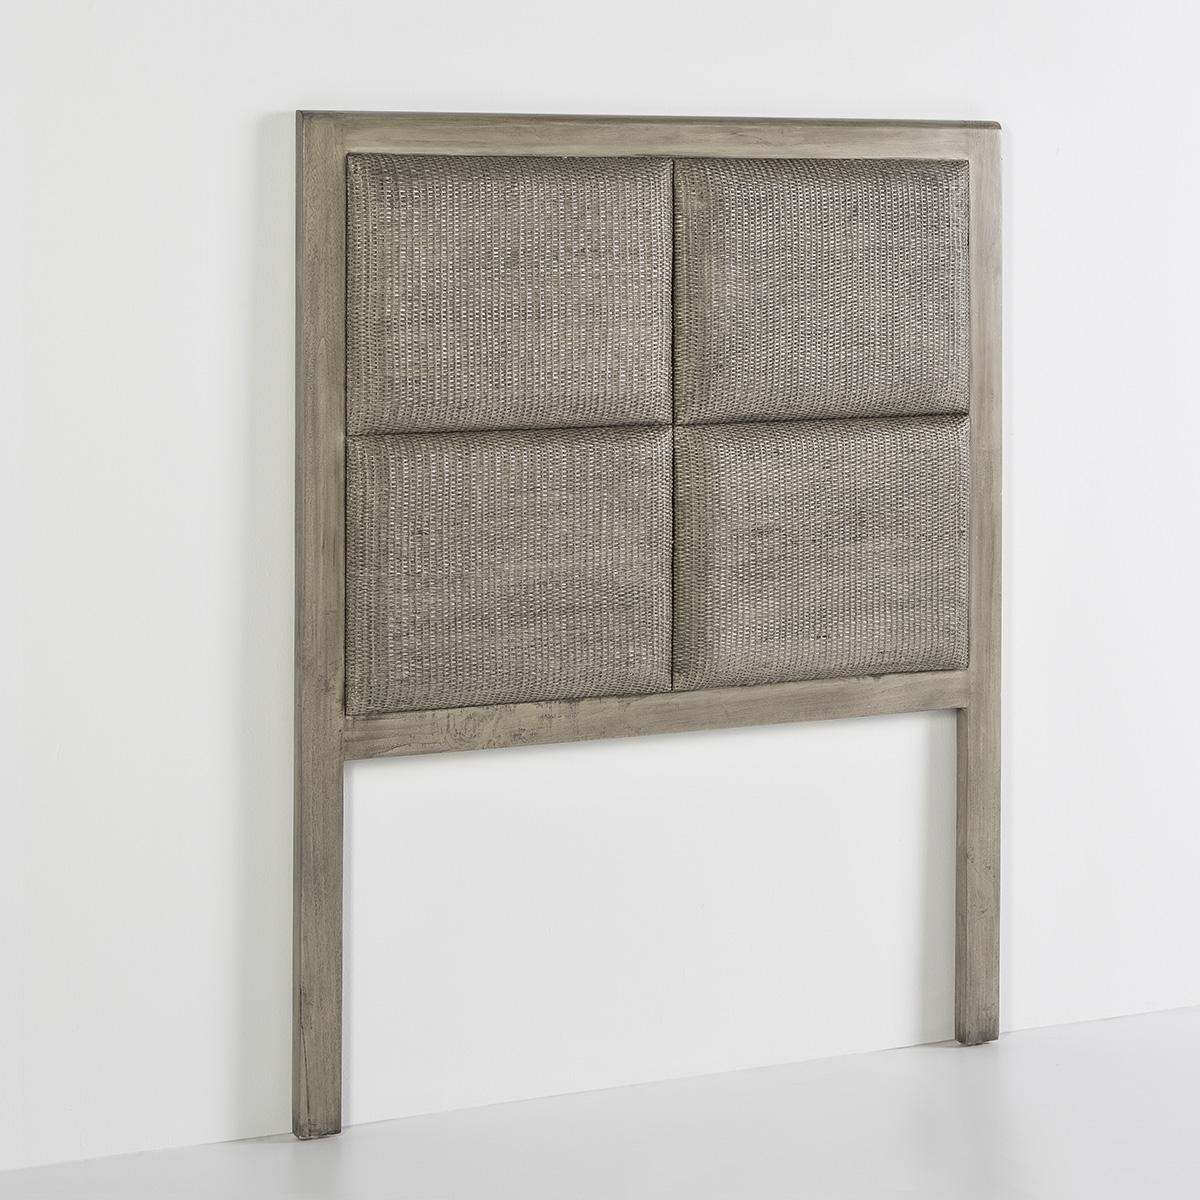 Tete De Lit Voile tête de lit bois massif grisé et finition voilée gery 110